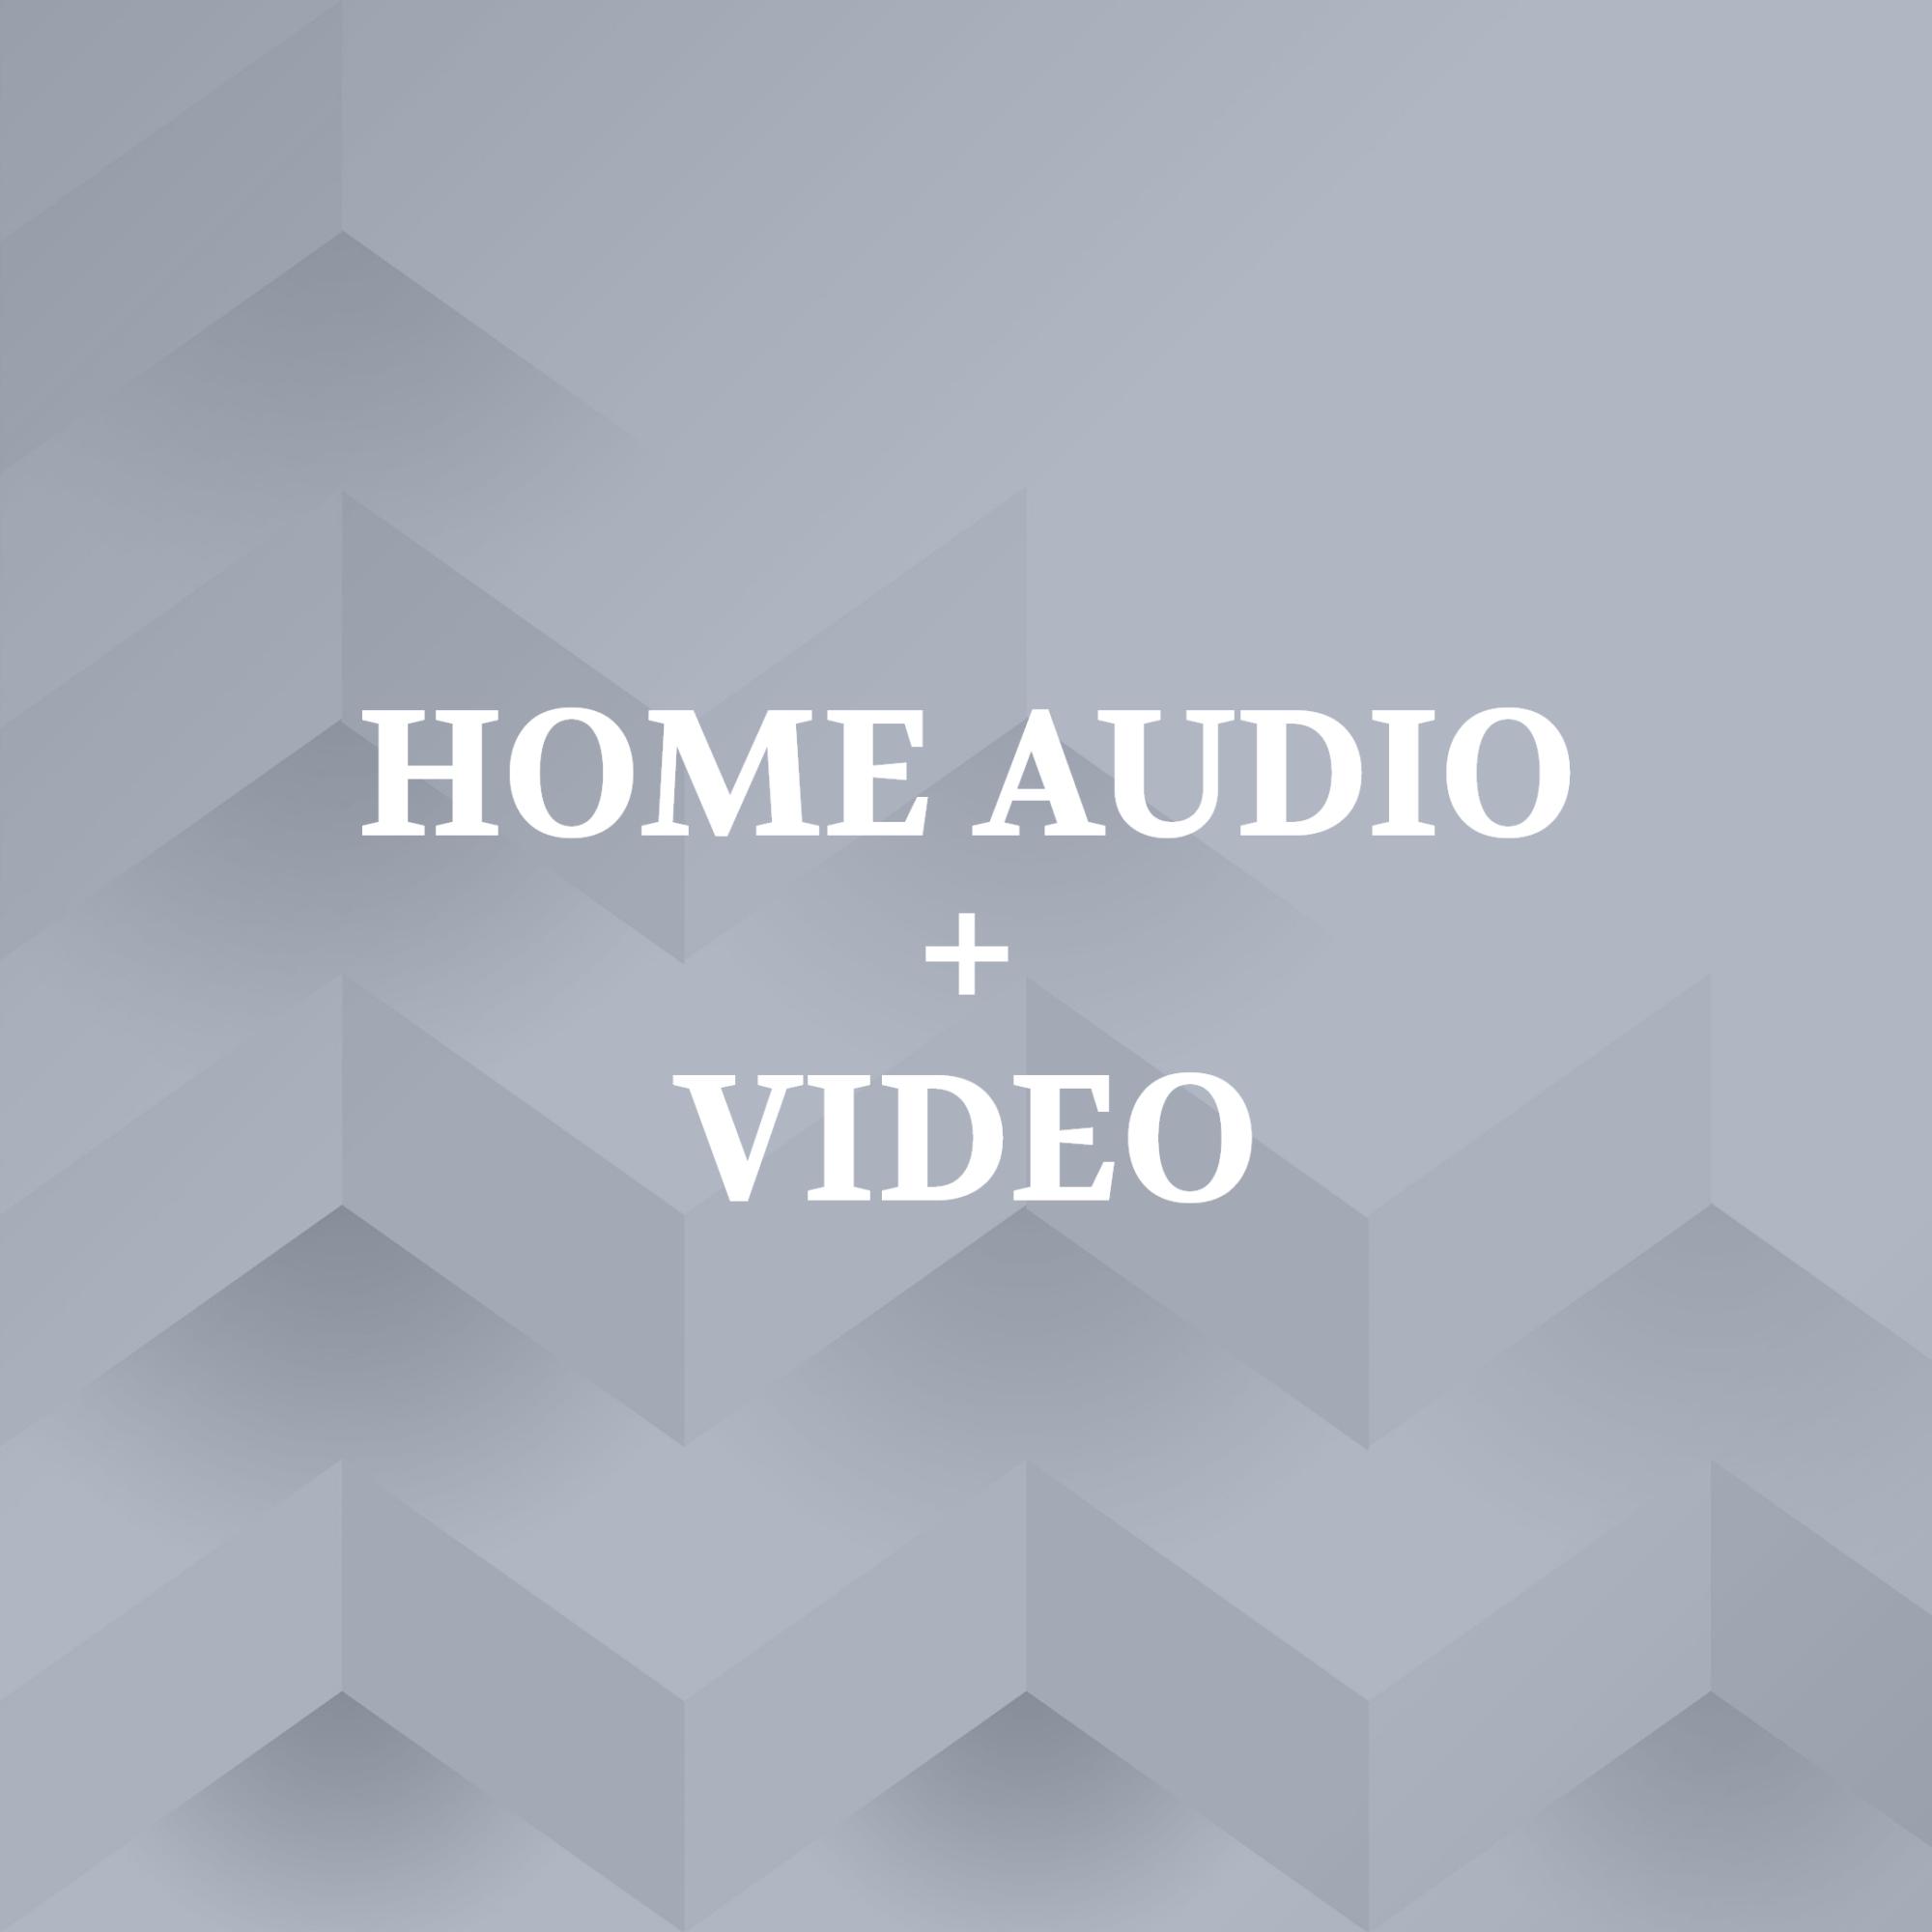 home audio-video@2x